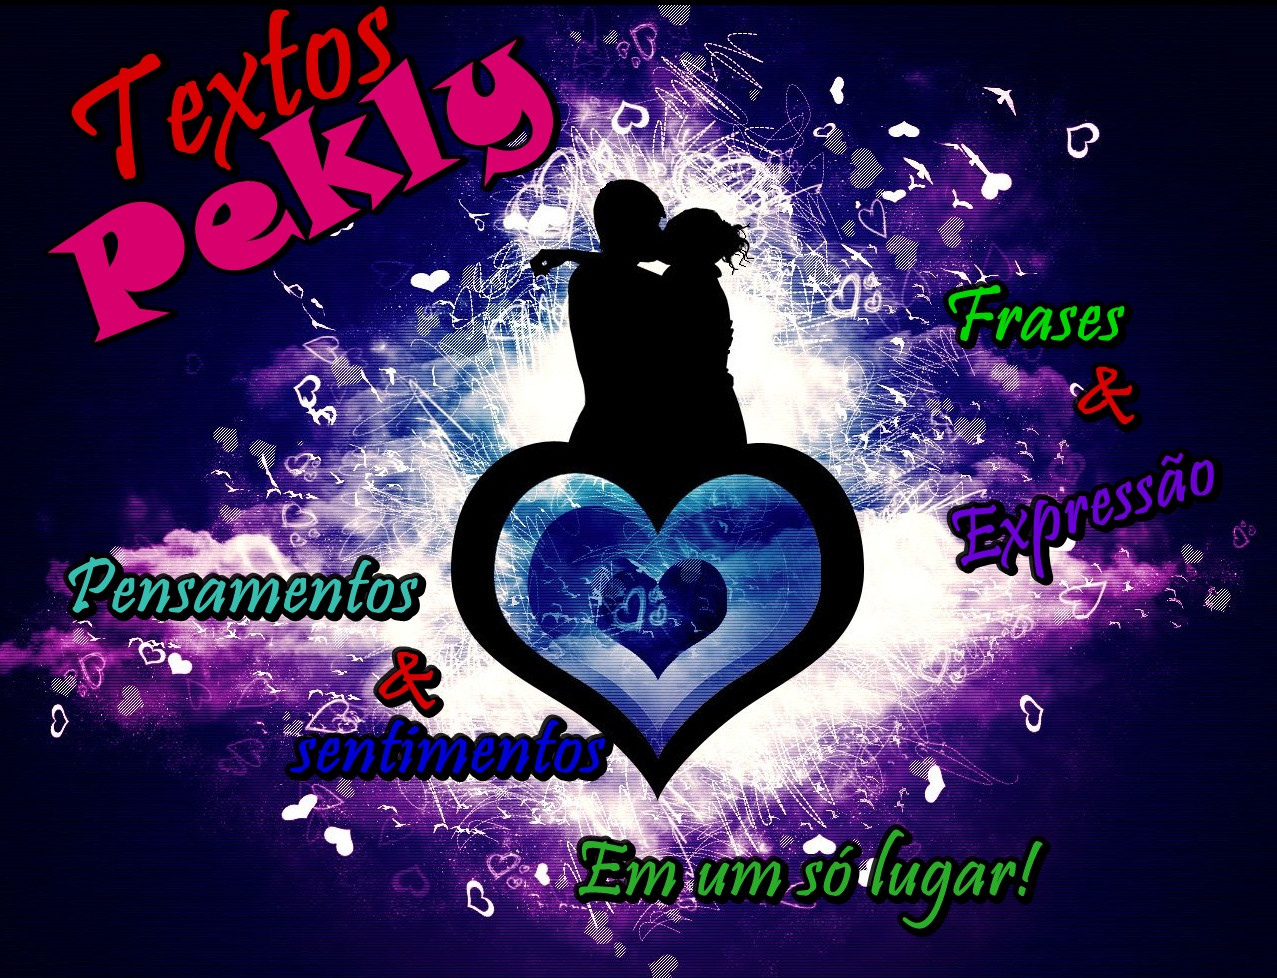 Pz C Frases De Amor